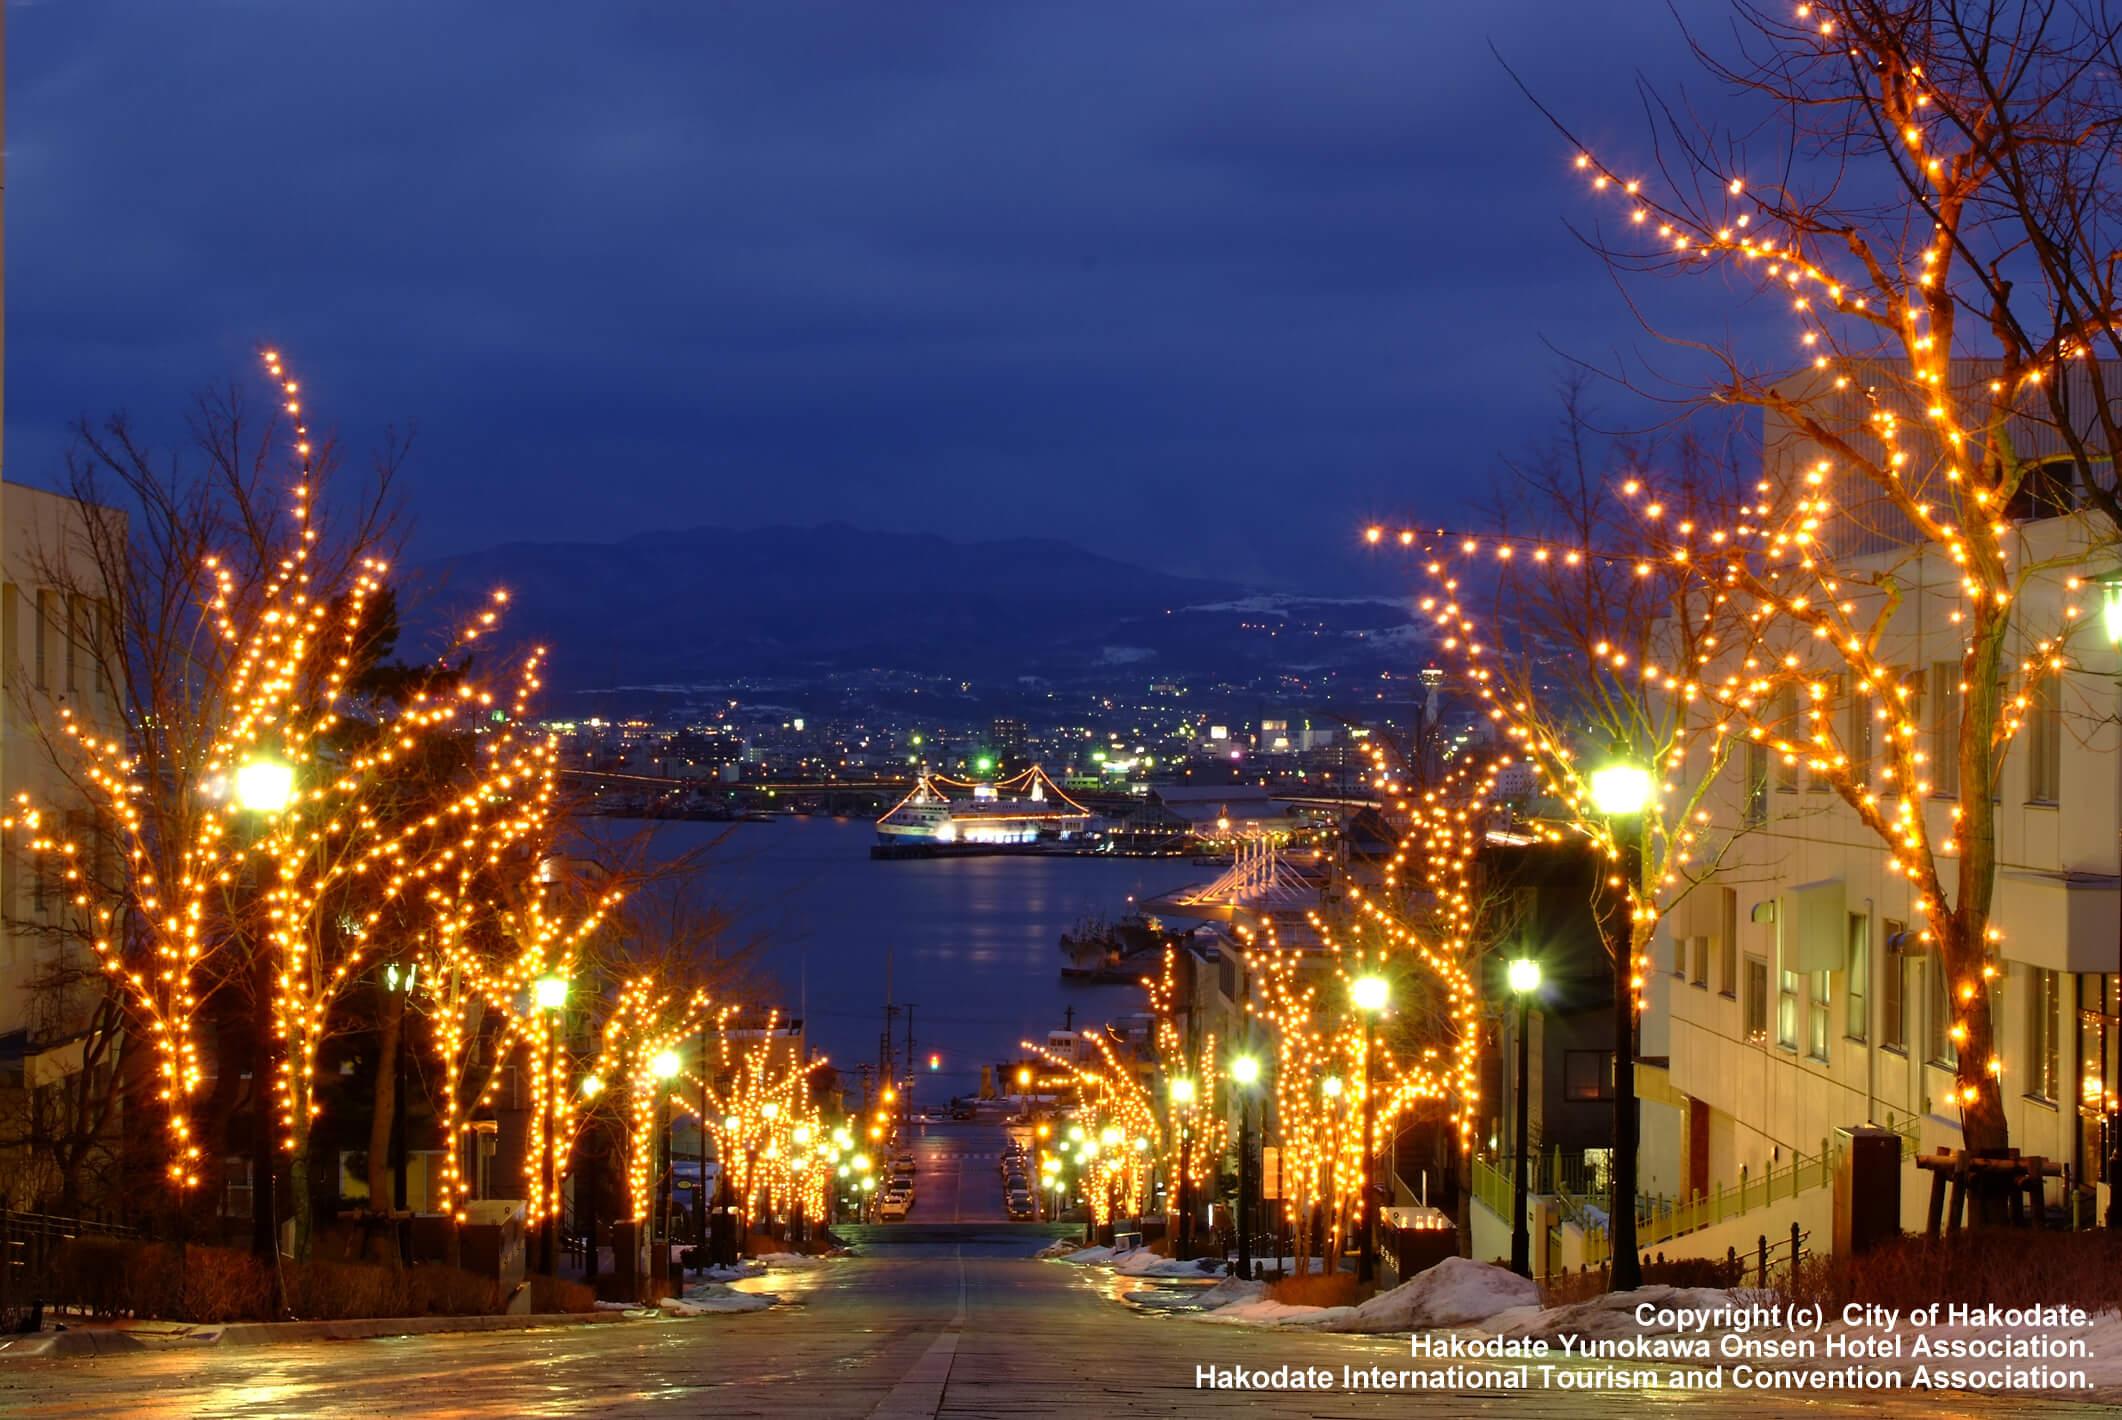 Hakodate's Romantic Corridor of Lights